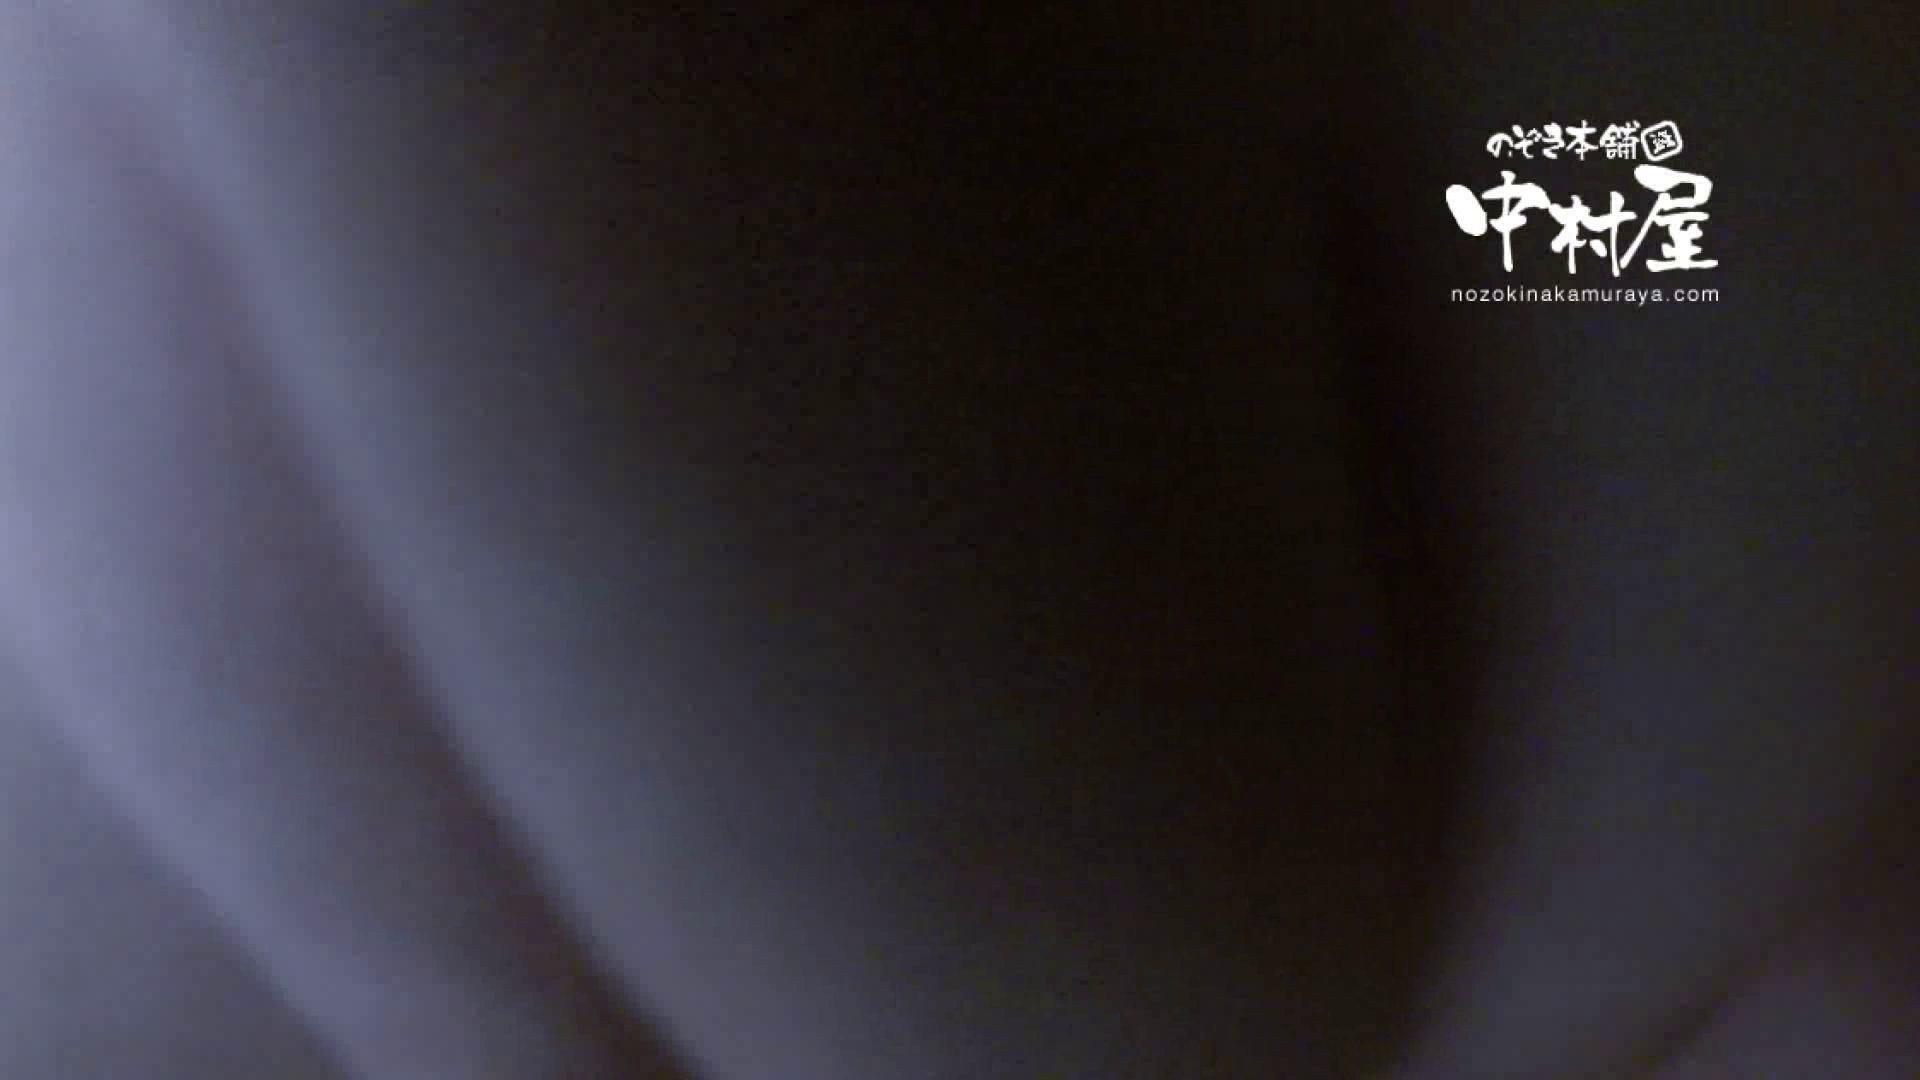 鬼畜 vol.12 剥ぎ取ったら色白でゴウモウだった 後編 OLセックス | 鬼畜  86画像 15